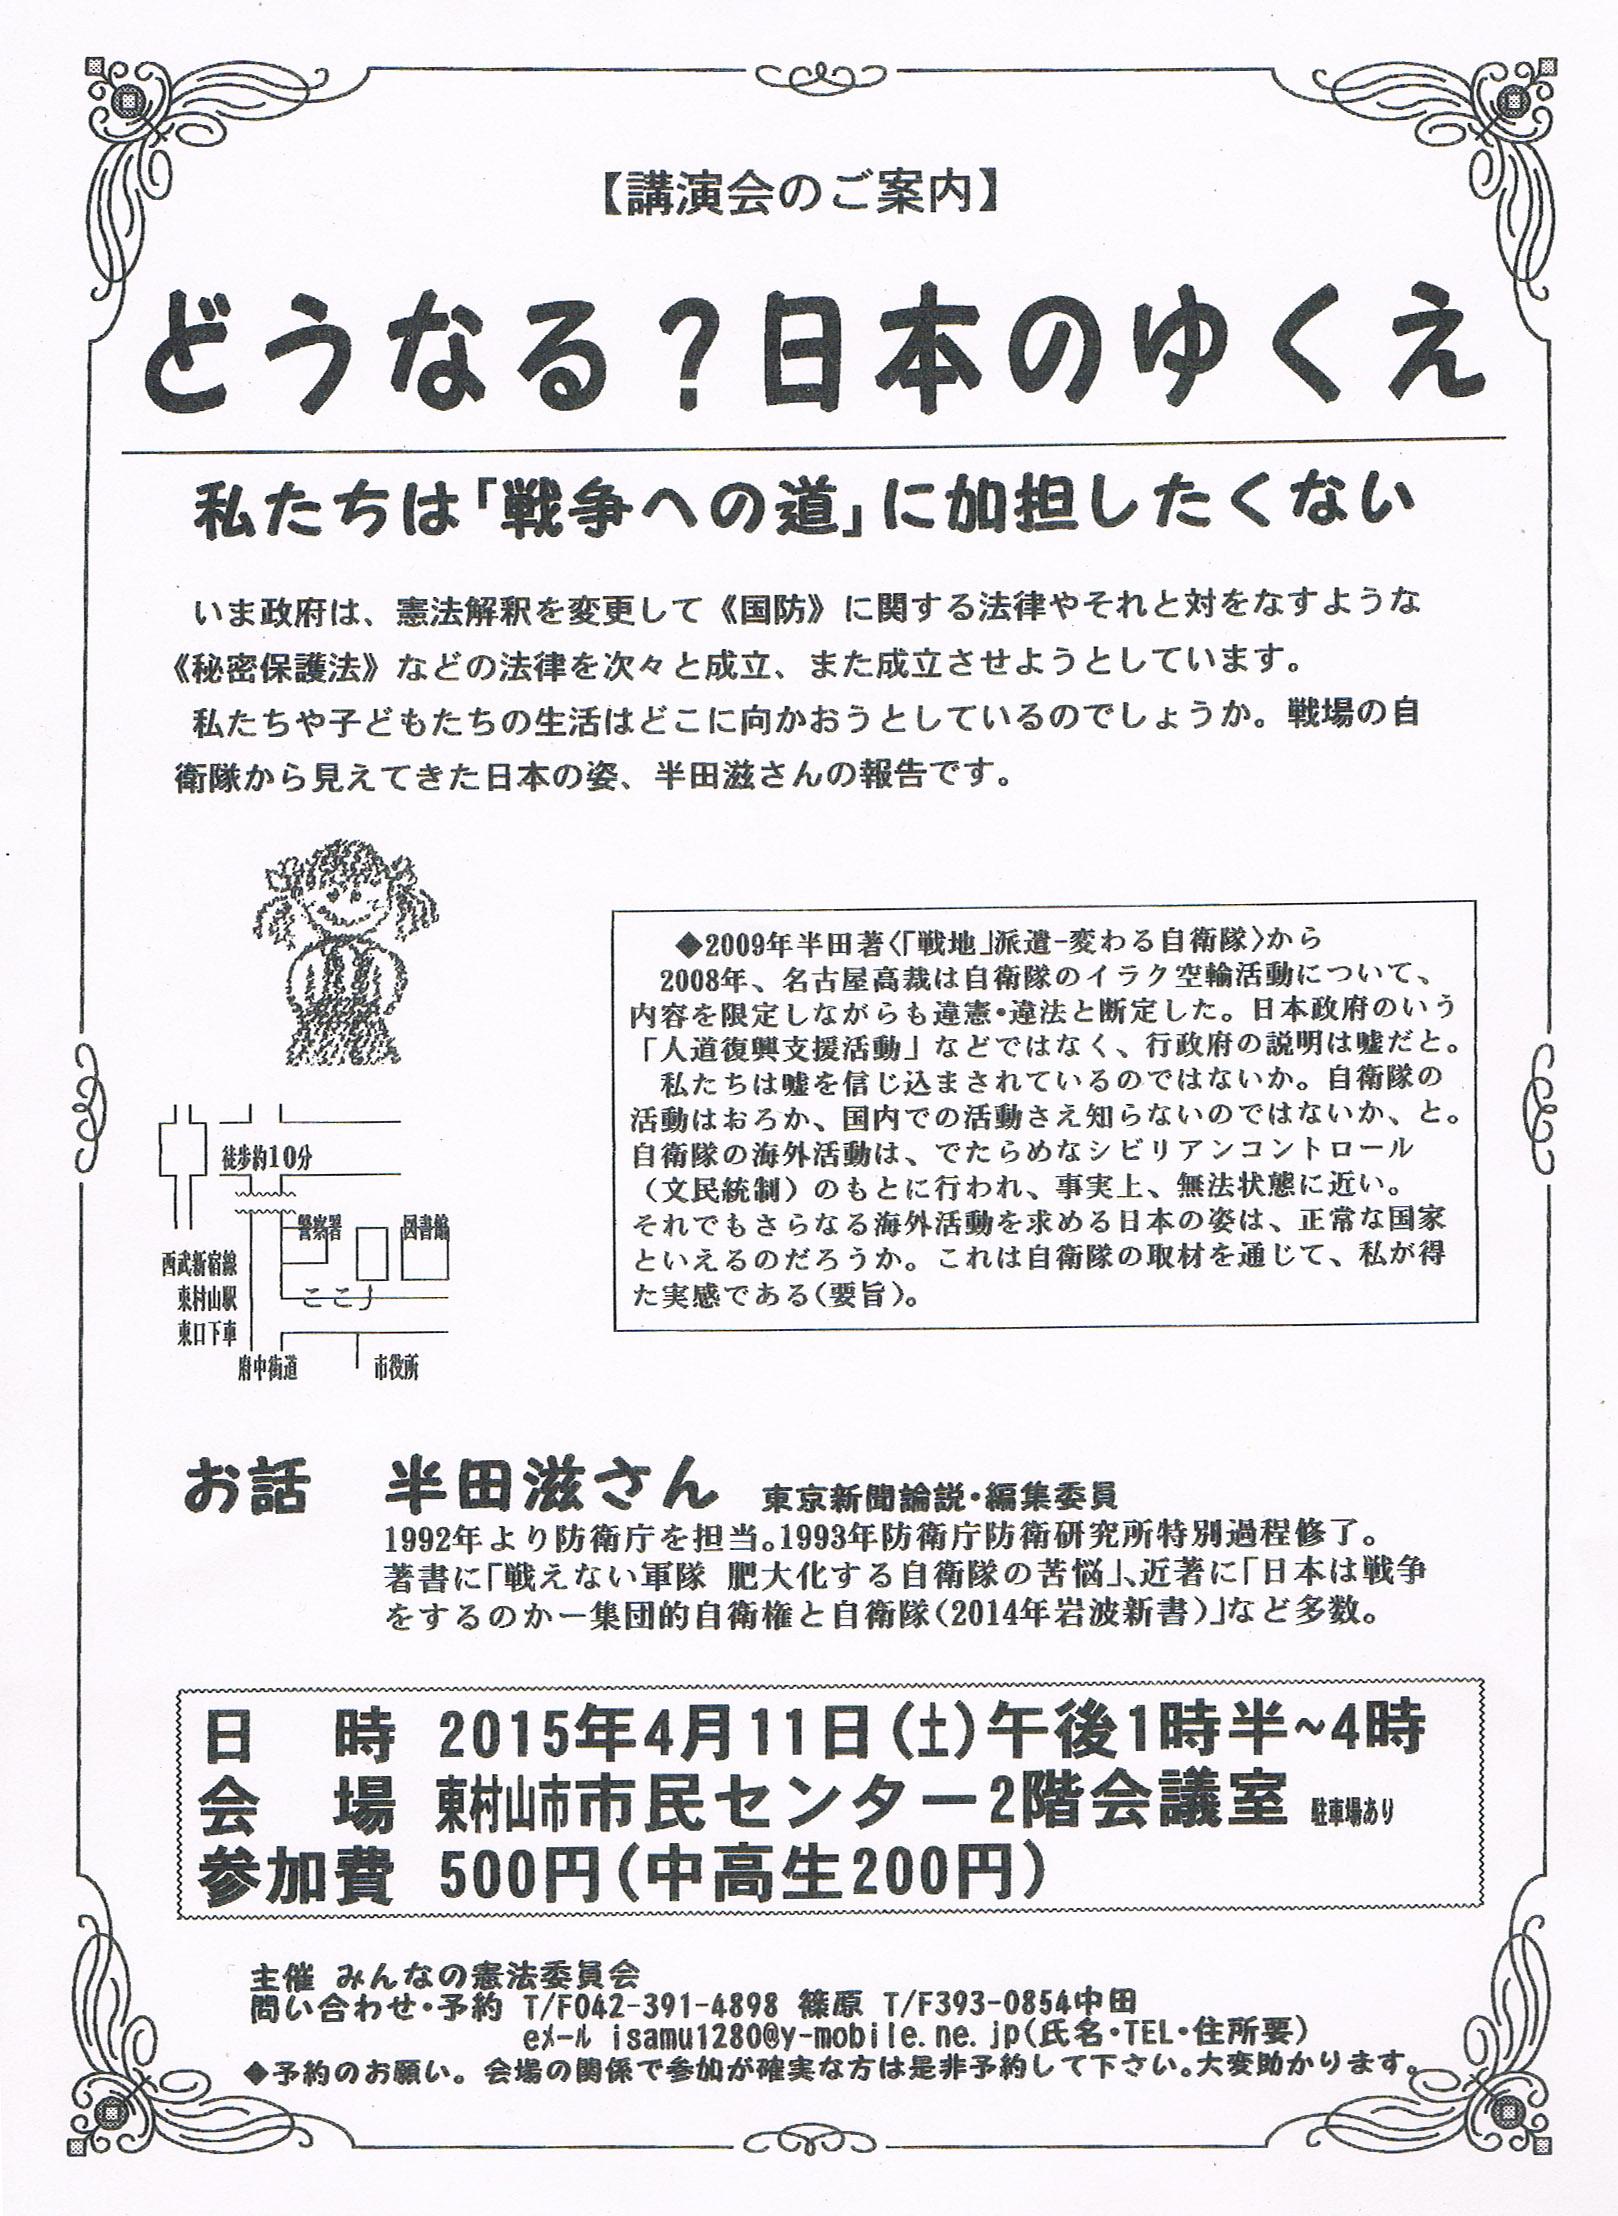 20150411講演会